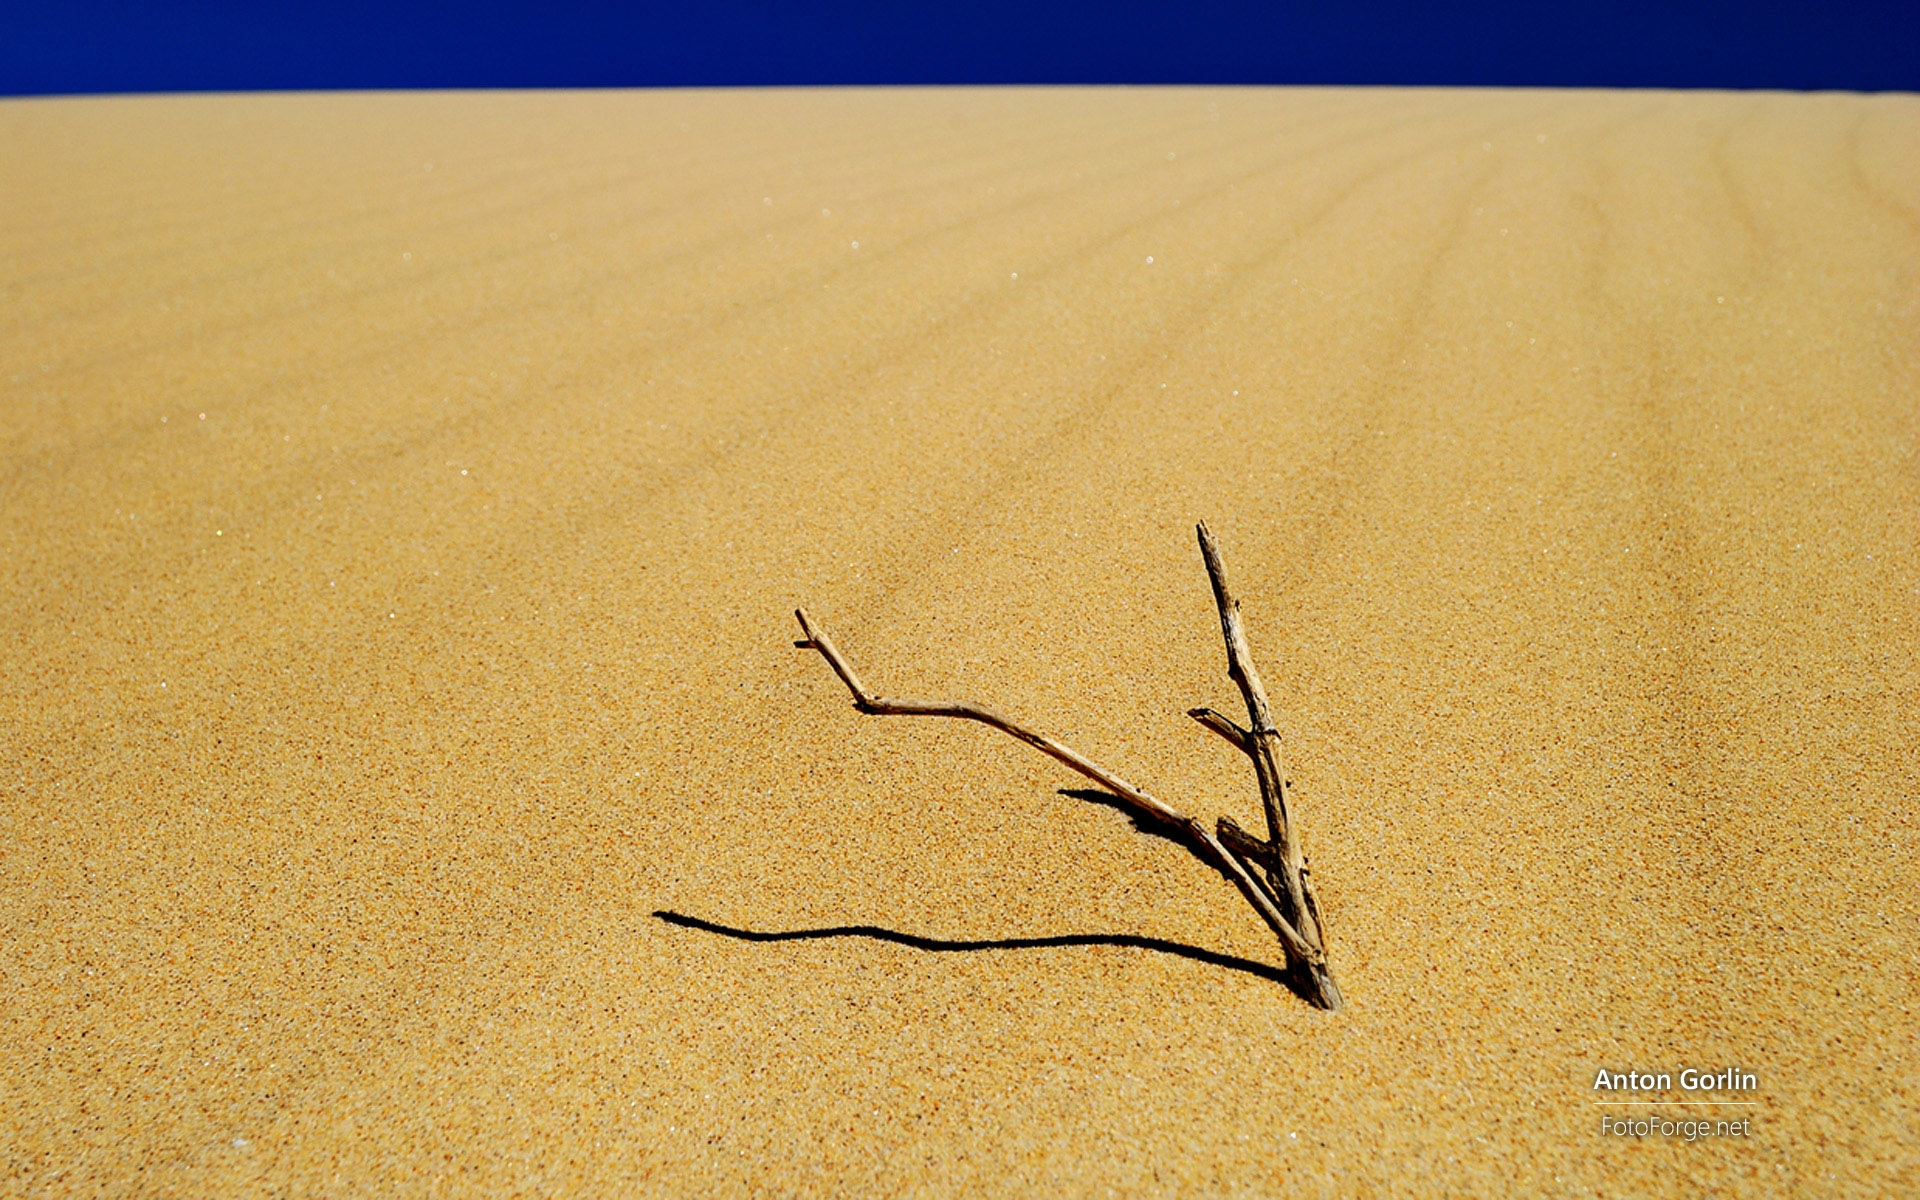 继德国美景三连弹之后,微软日前又发布了两款风景类主题,这次转战澳大利亚,分别为《澳大利亚风景》、《澳大利亚沿岸风光》,其中壁纸来自摄影师Ian Johnson和Anton Gorlin。 壁纸图赏: 《澳大利亚风景》: